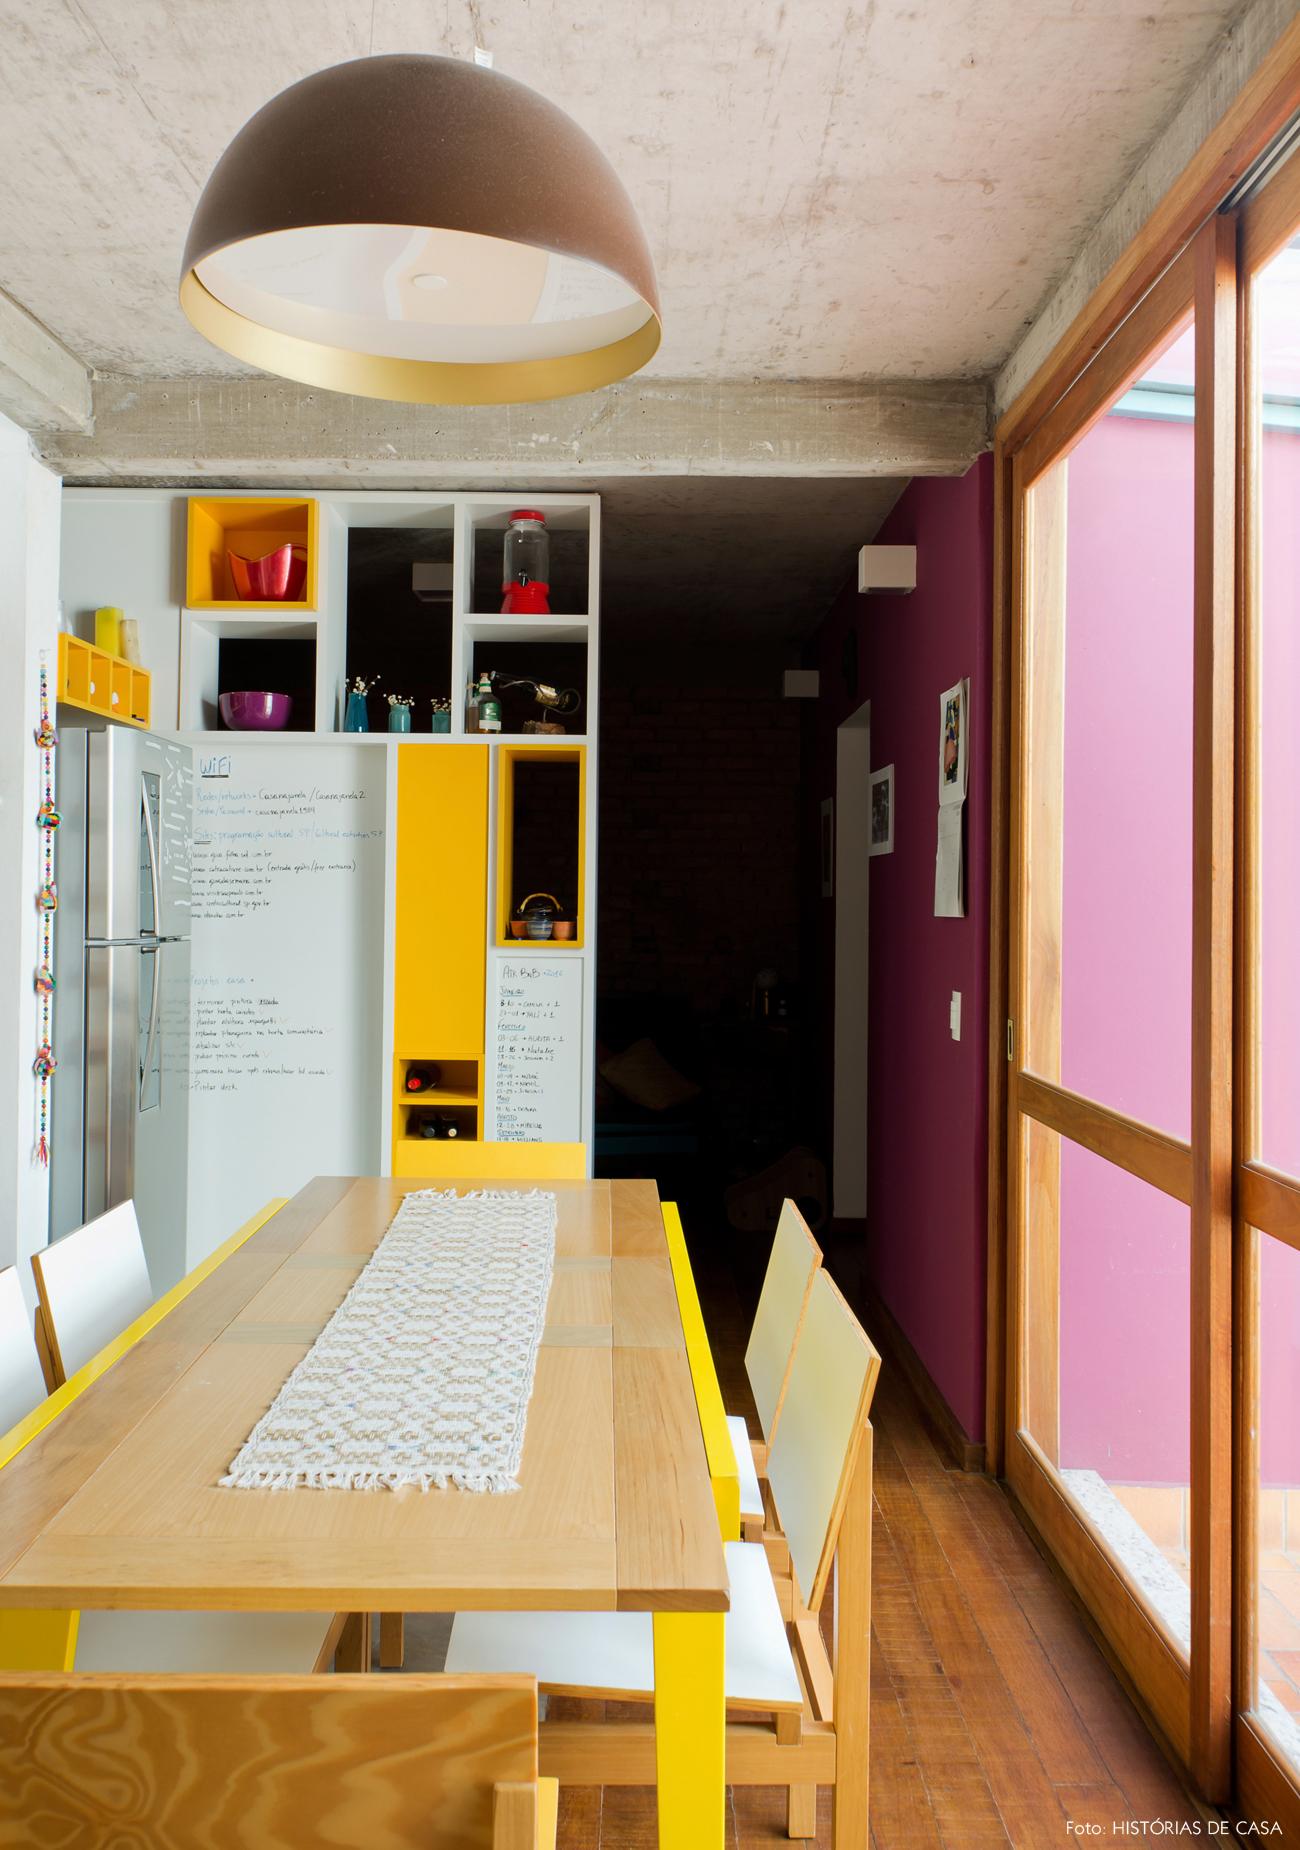 04-decoracao-cozinha-amarela-ladrilhos-hidraulicos-teto-concreto